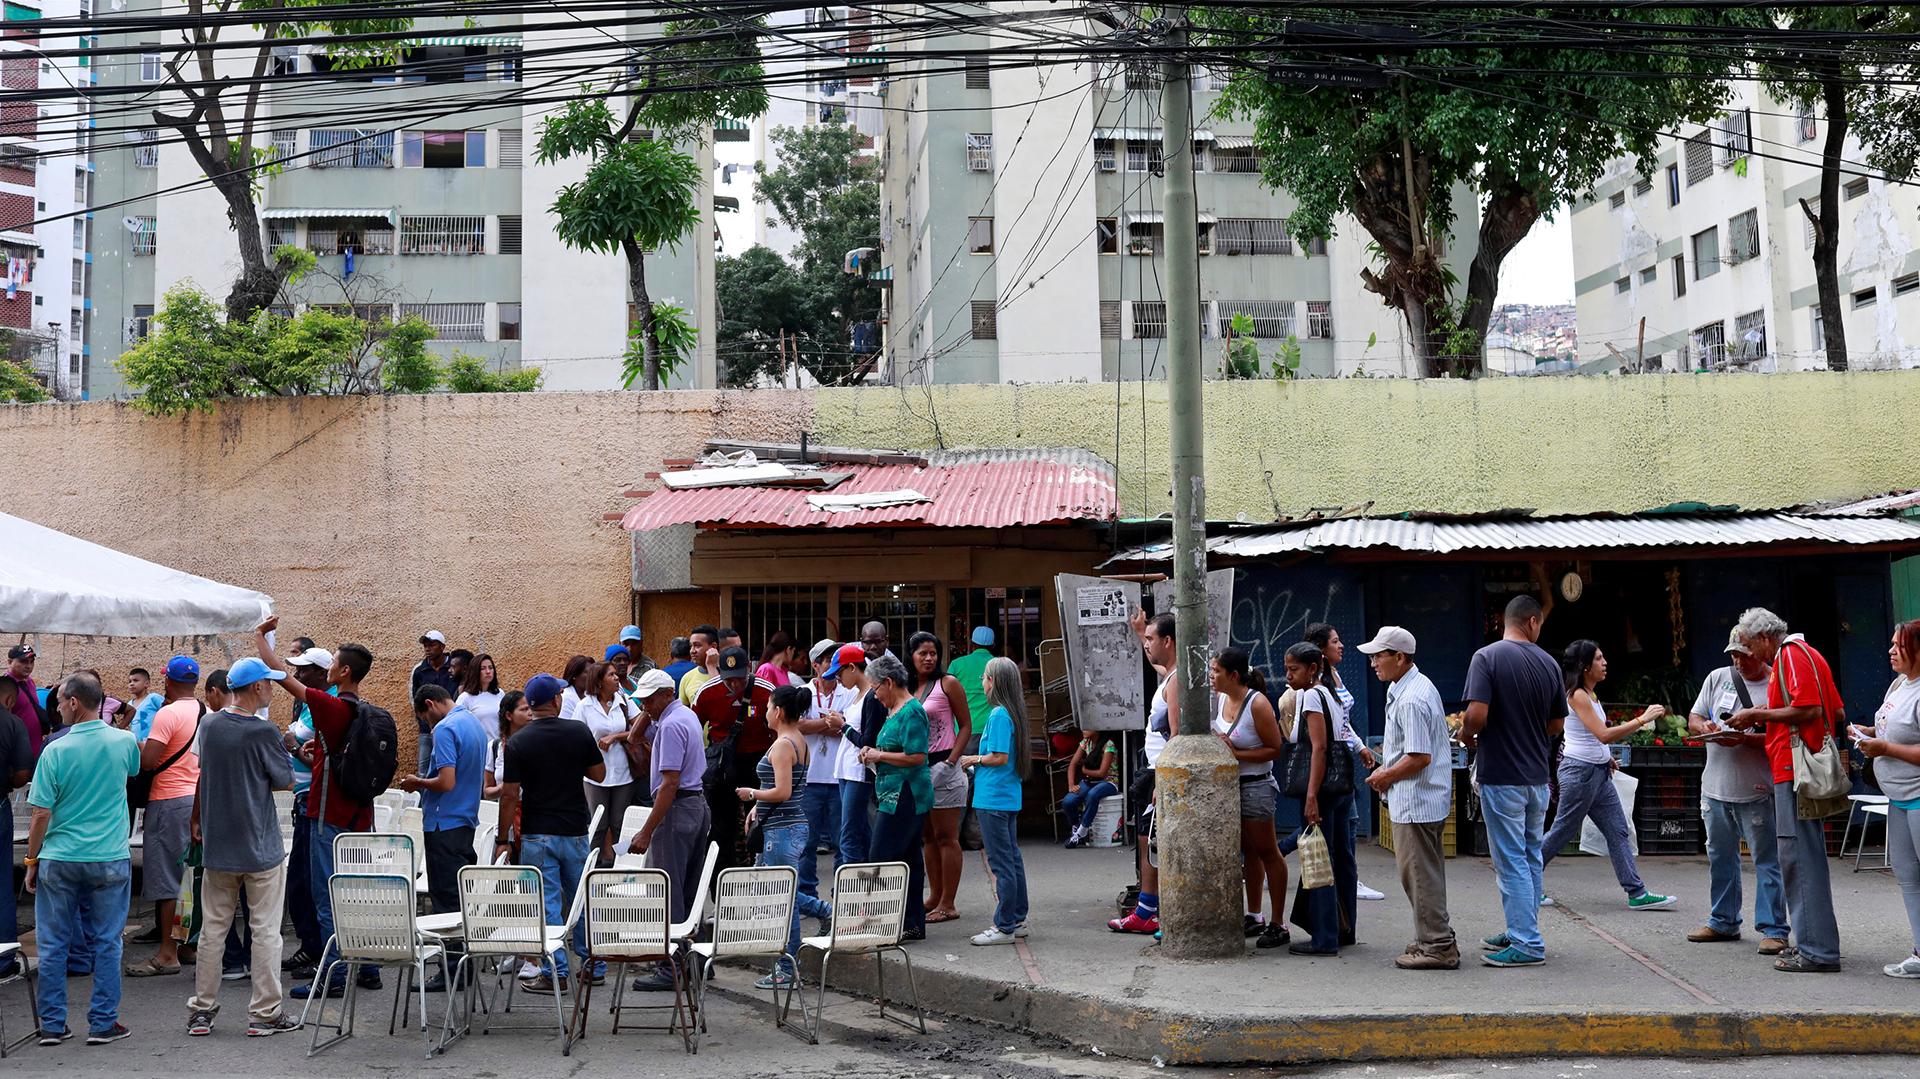 Largas filas para votar en todo el país (Reuters)